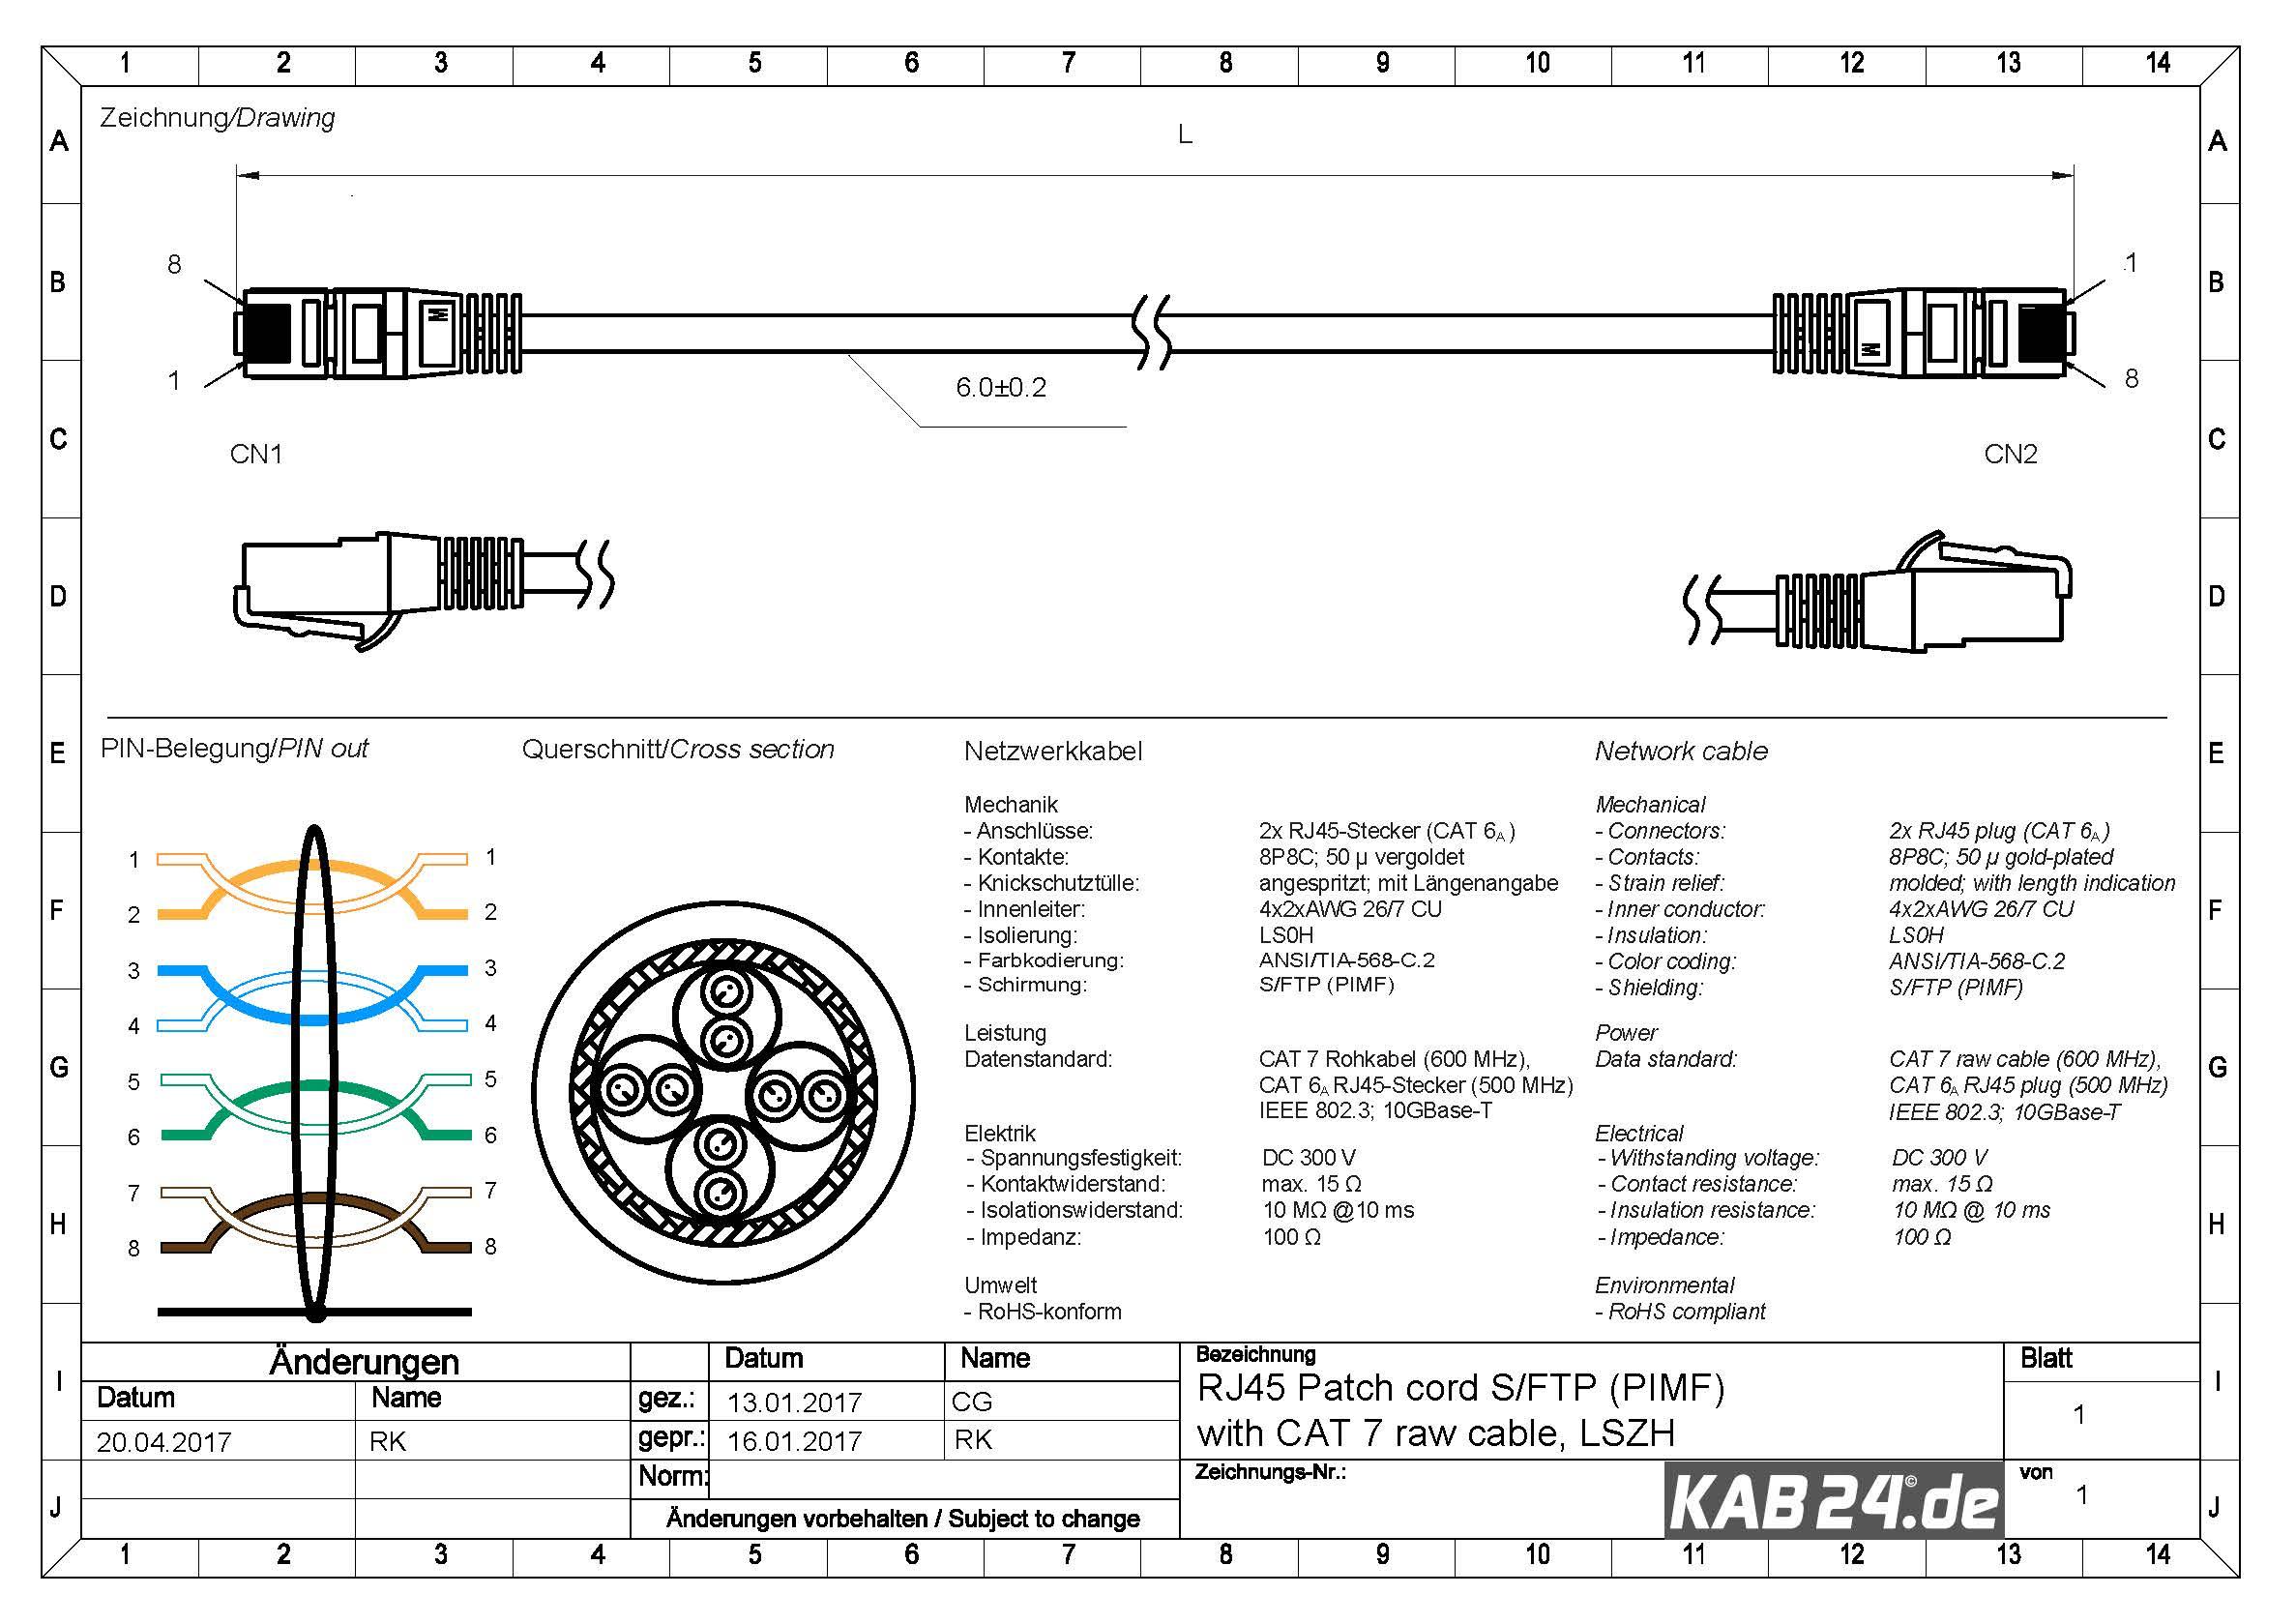 Ziemlich Cat 6 Ethernet Kabel Schaltplan Galerie - Der Schaltplan ...